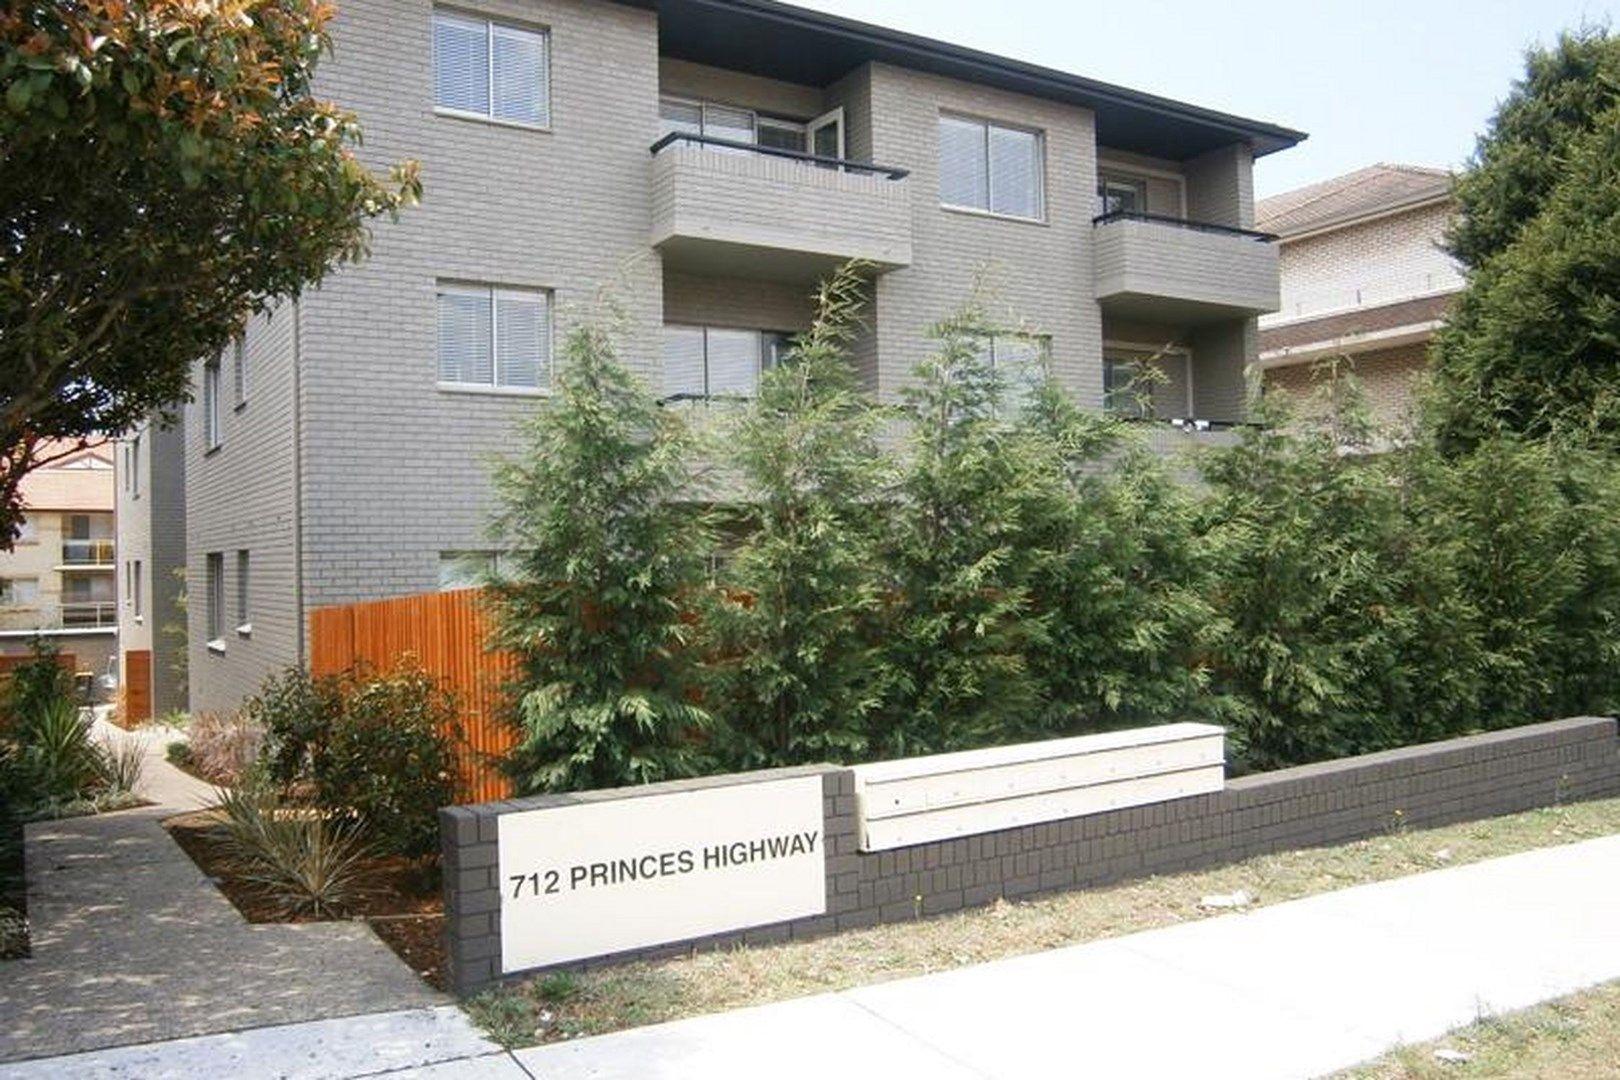 8/712 Princes Highway, Kogarah NSW 2217, Image 0